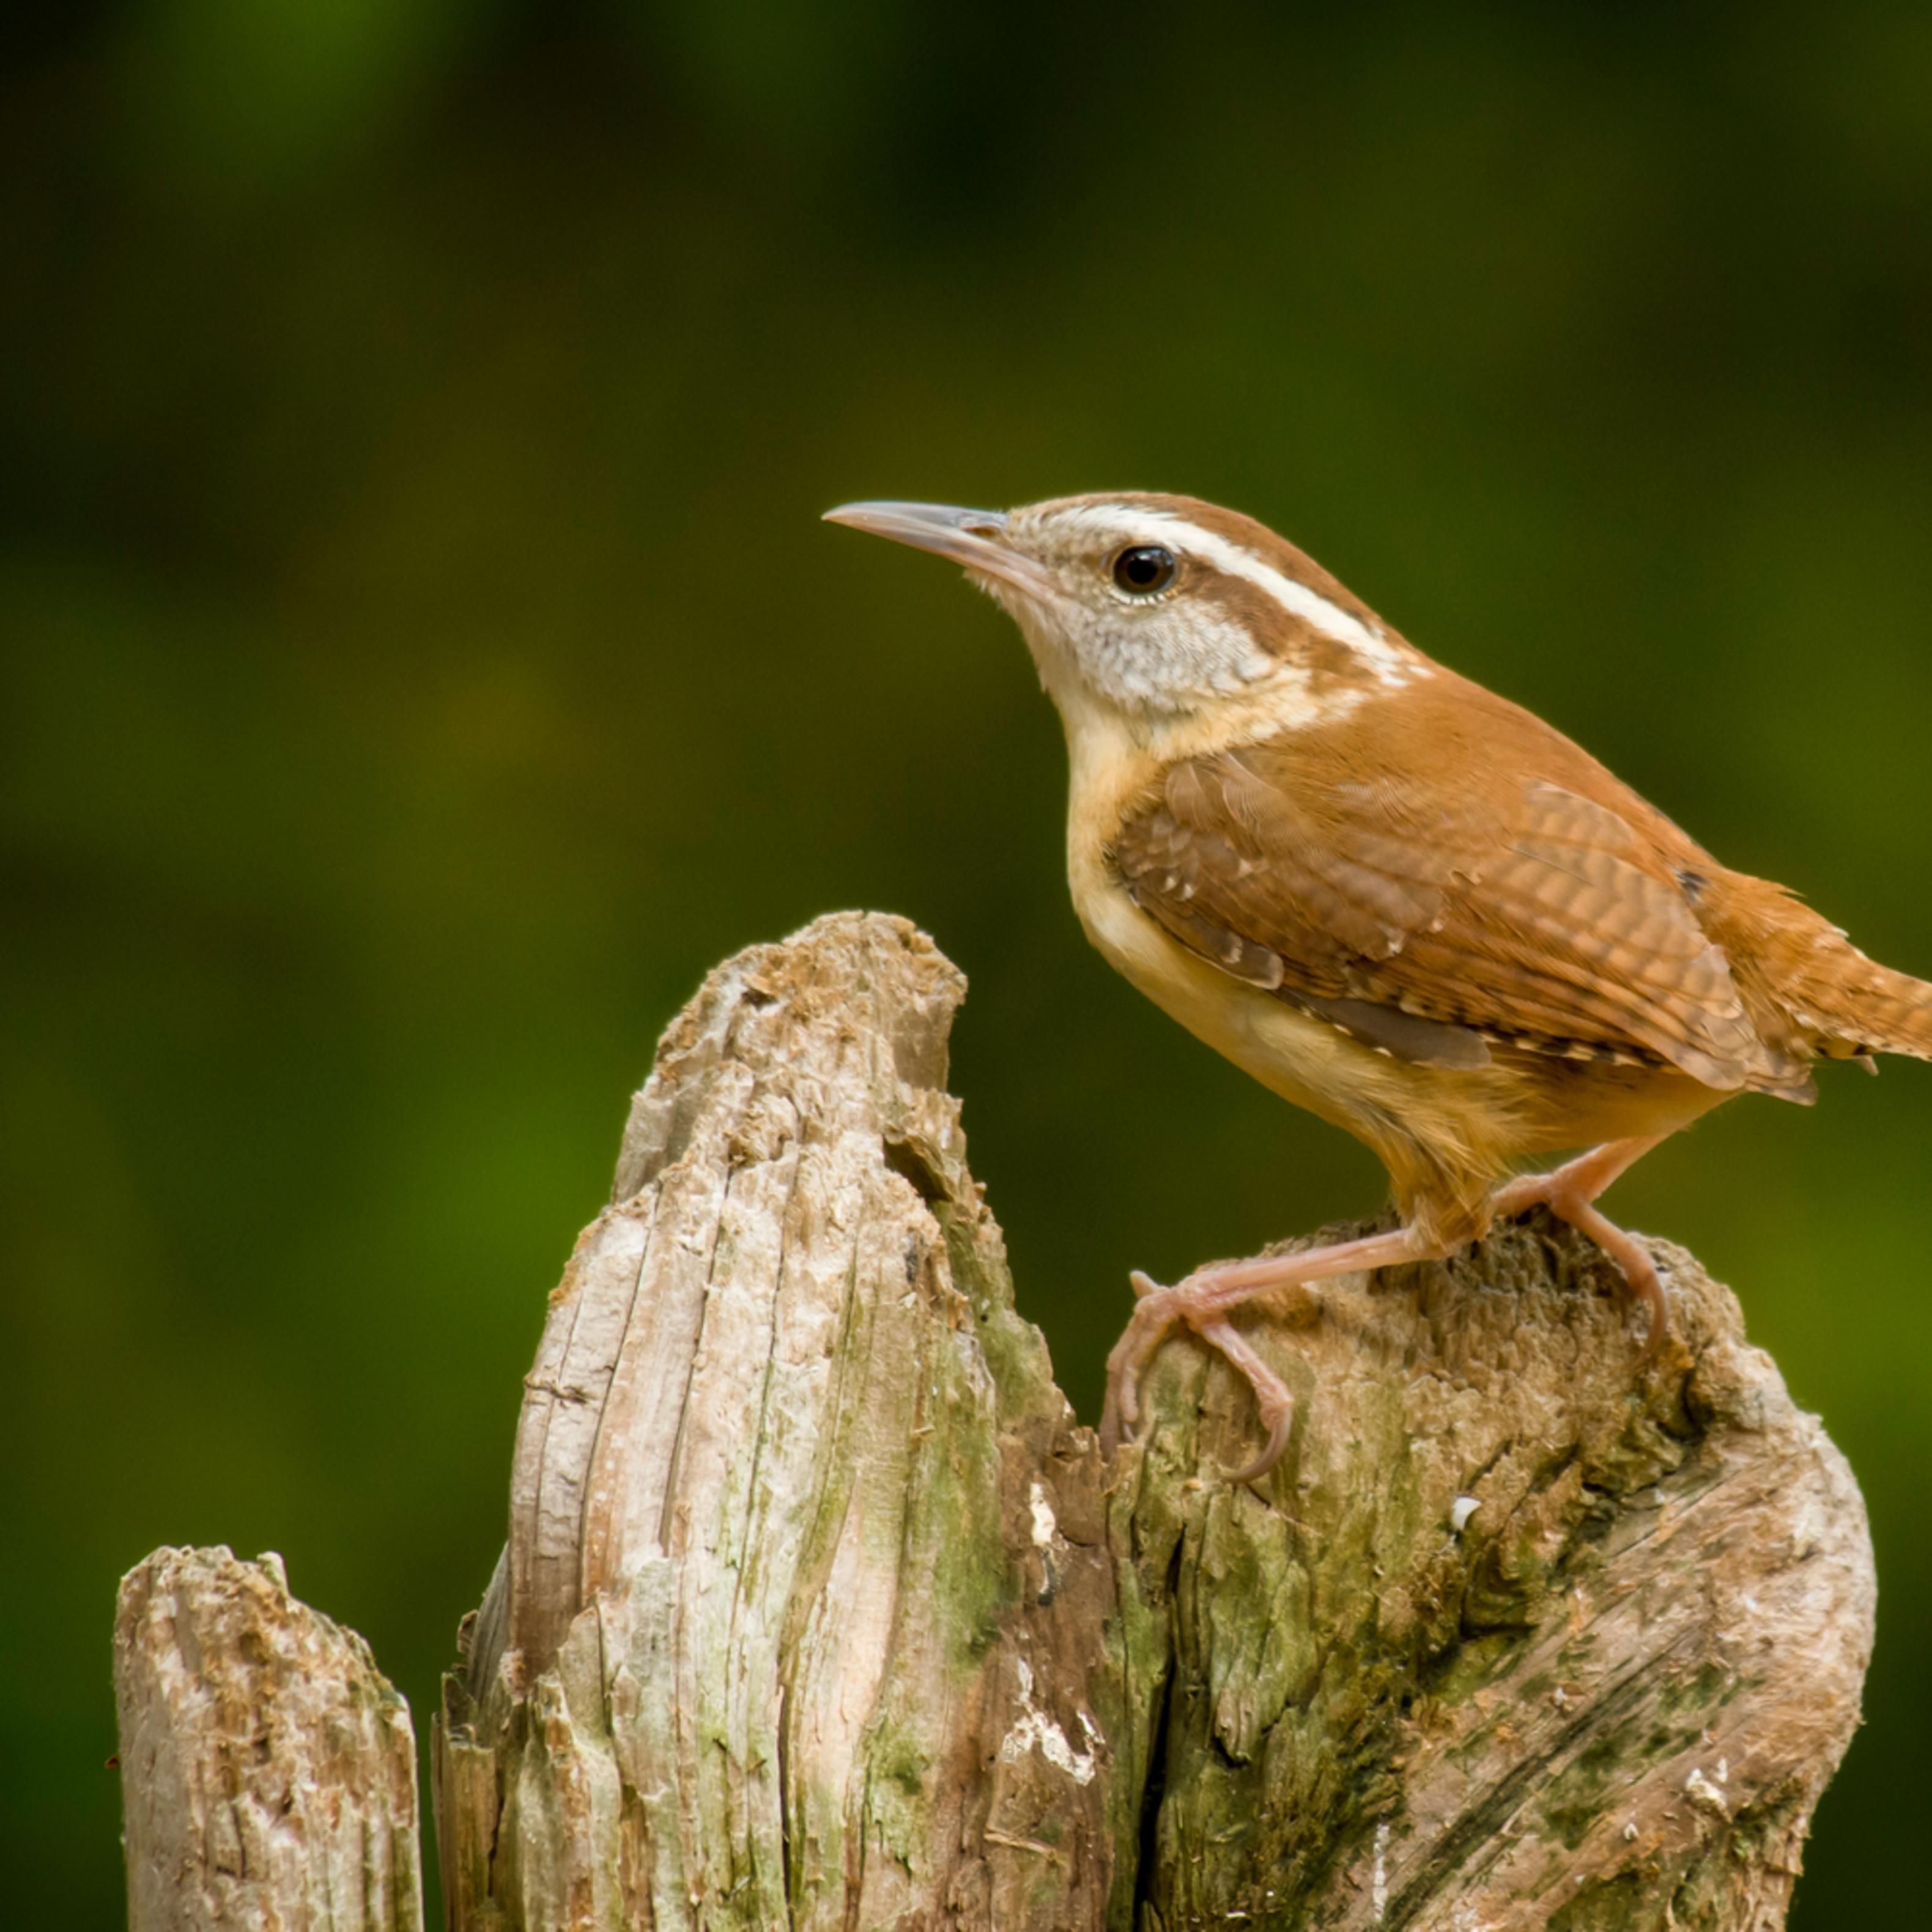 Backyard birds apr 2020 20200412 0681 r84ilx